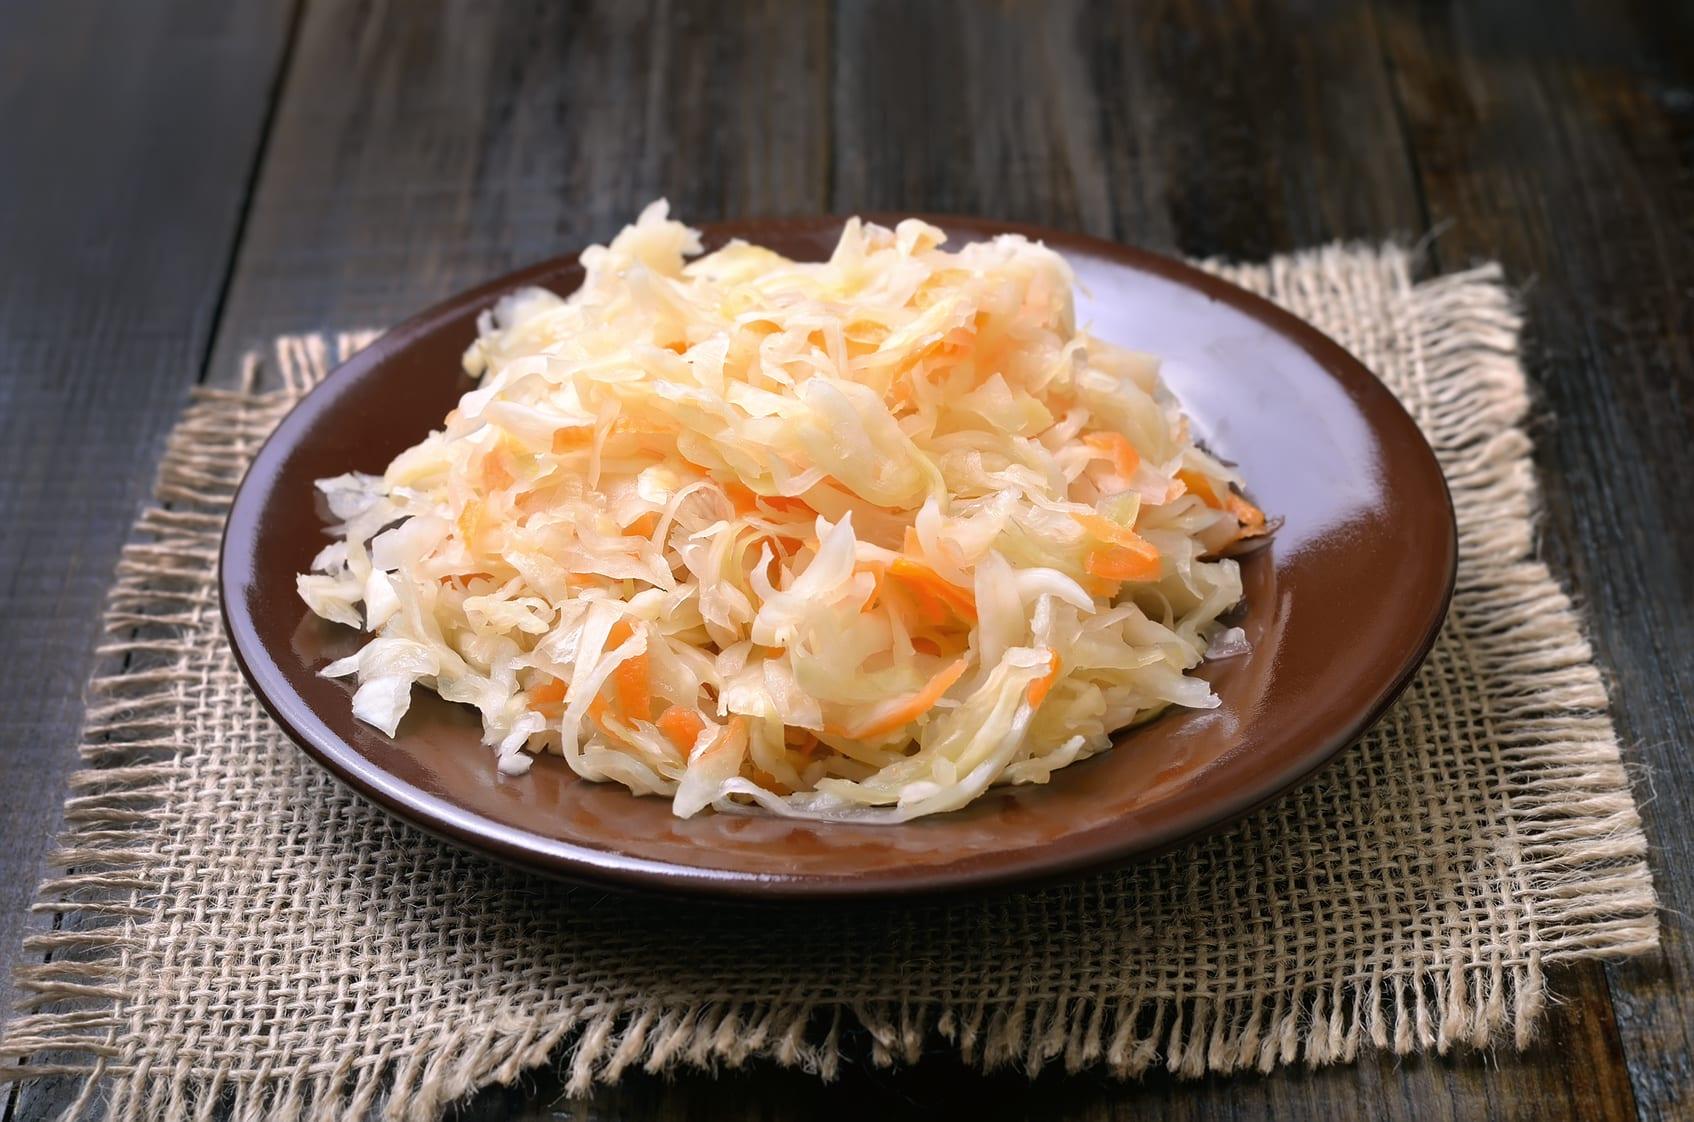 Sauerkraut on ceramic plate on wooden table